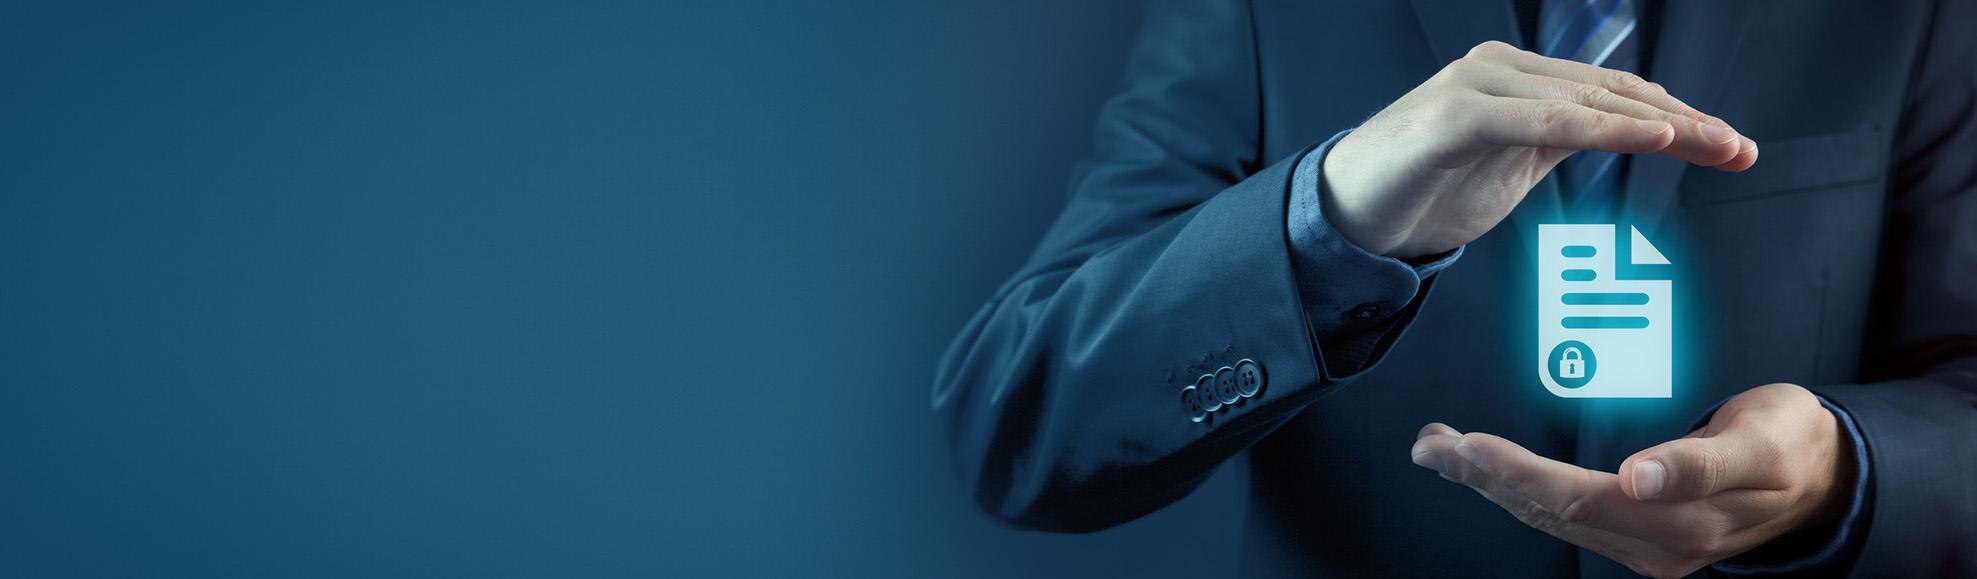 Ubezpieczenia odpowiedzialnosci cywilnej członków zarządów spółek kapitałowych